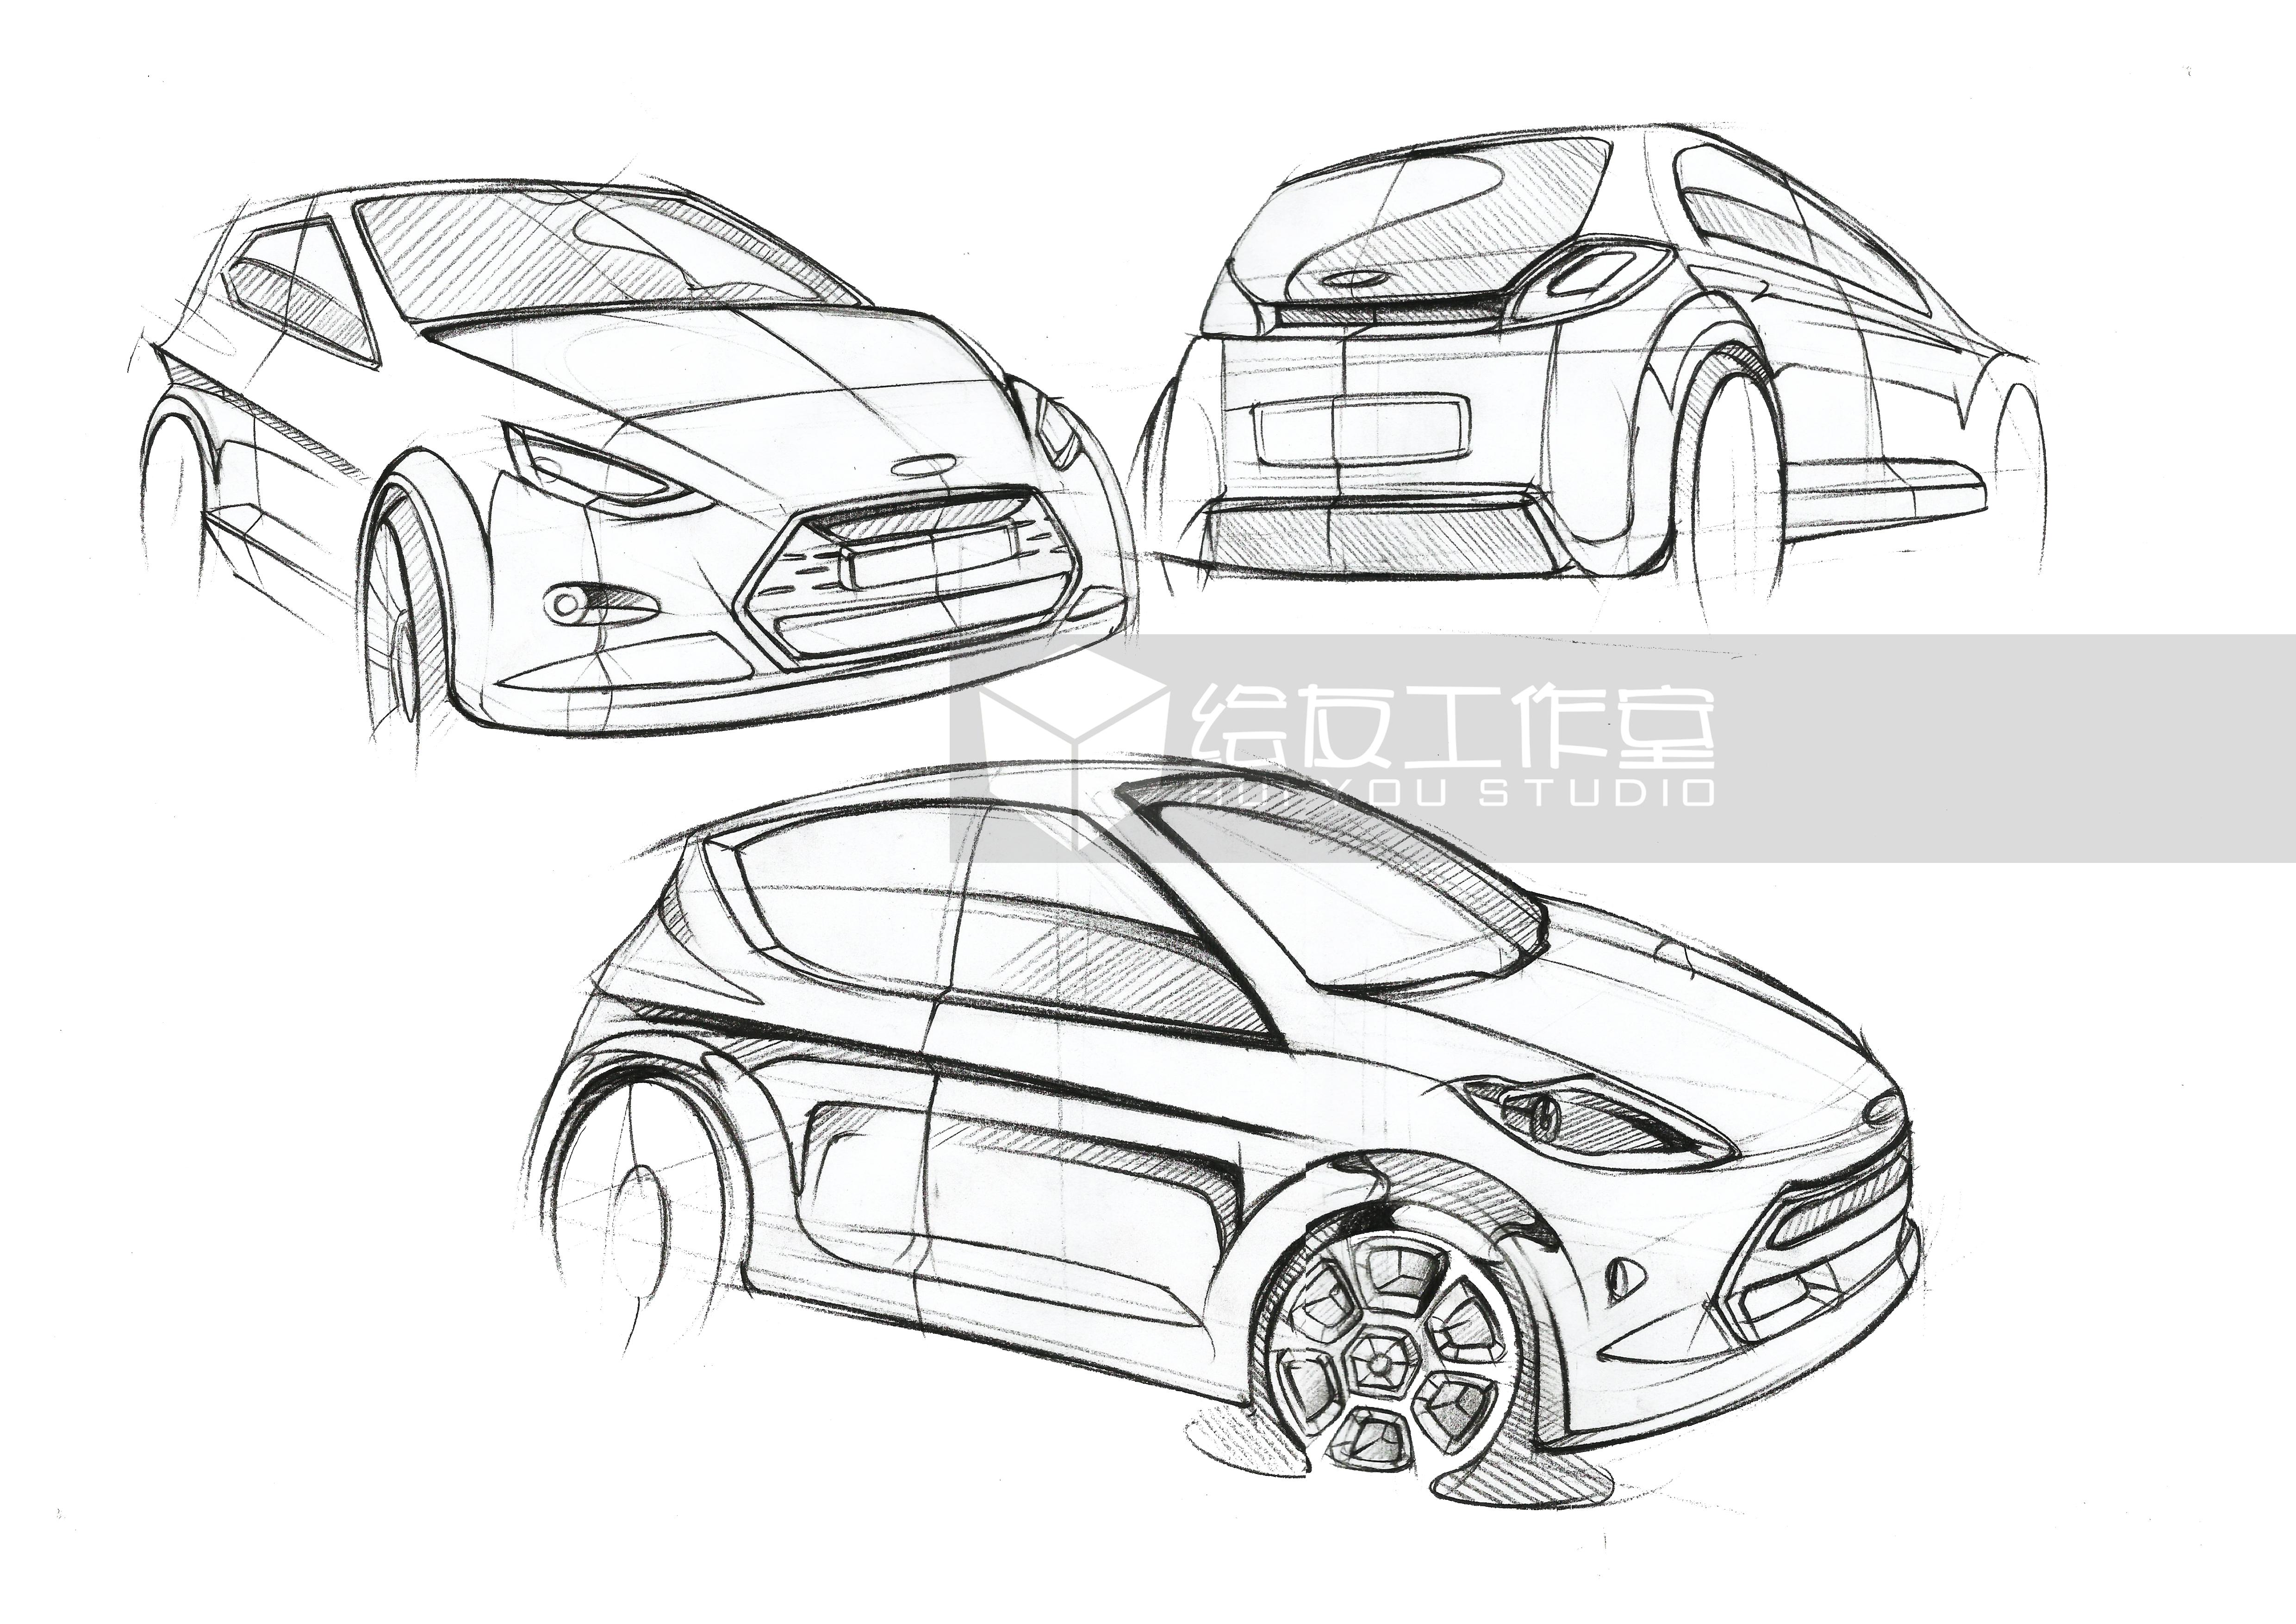 工业设计产品手绘线稿(内含作画视频)